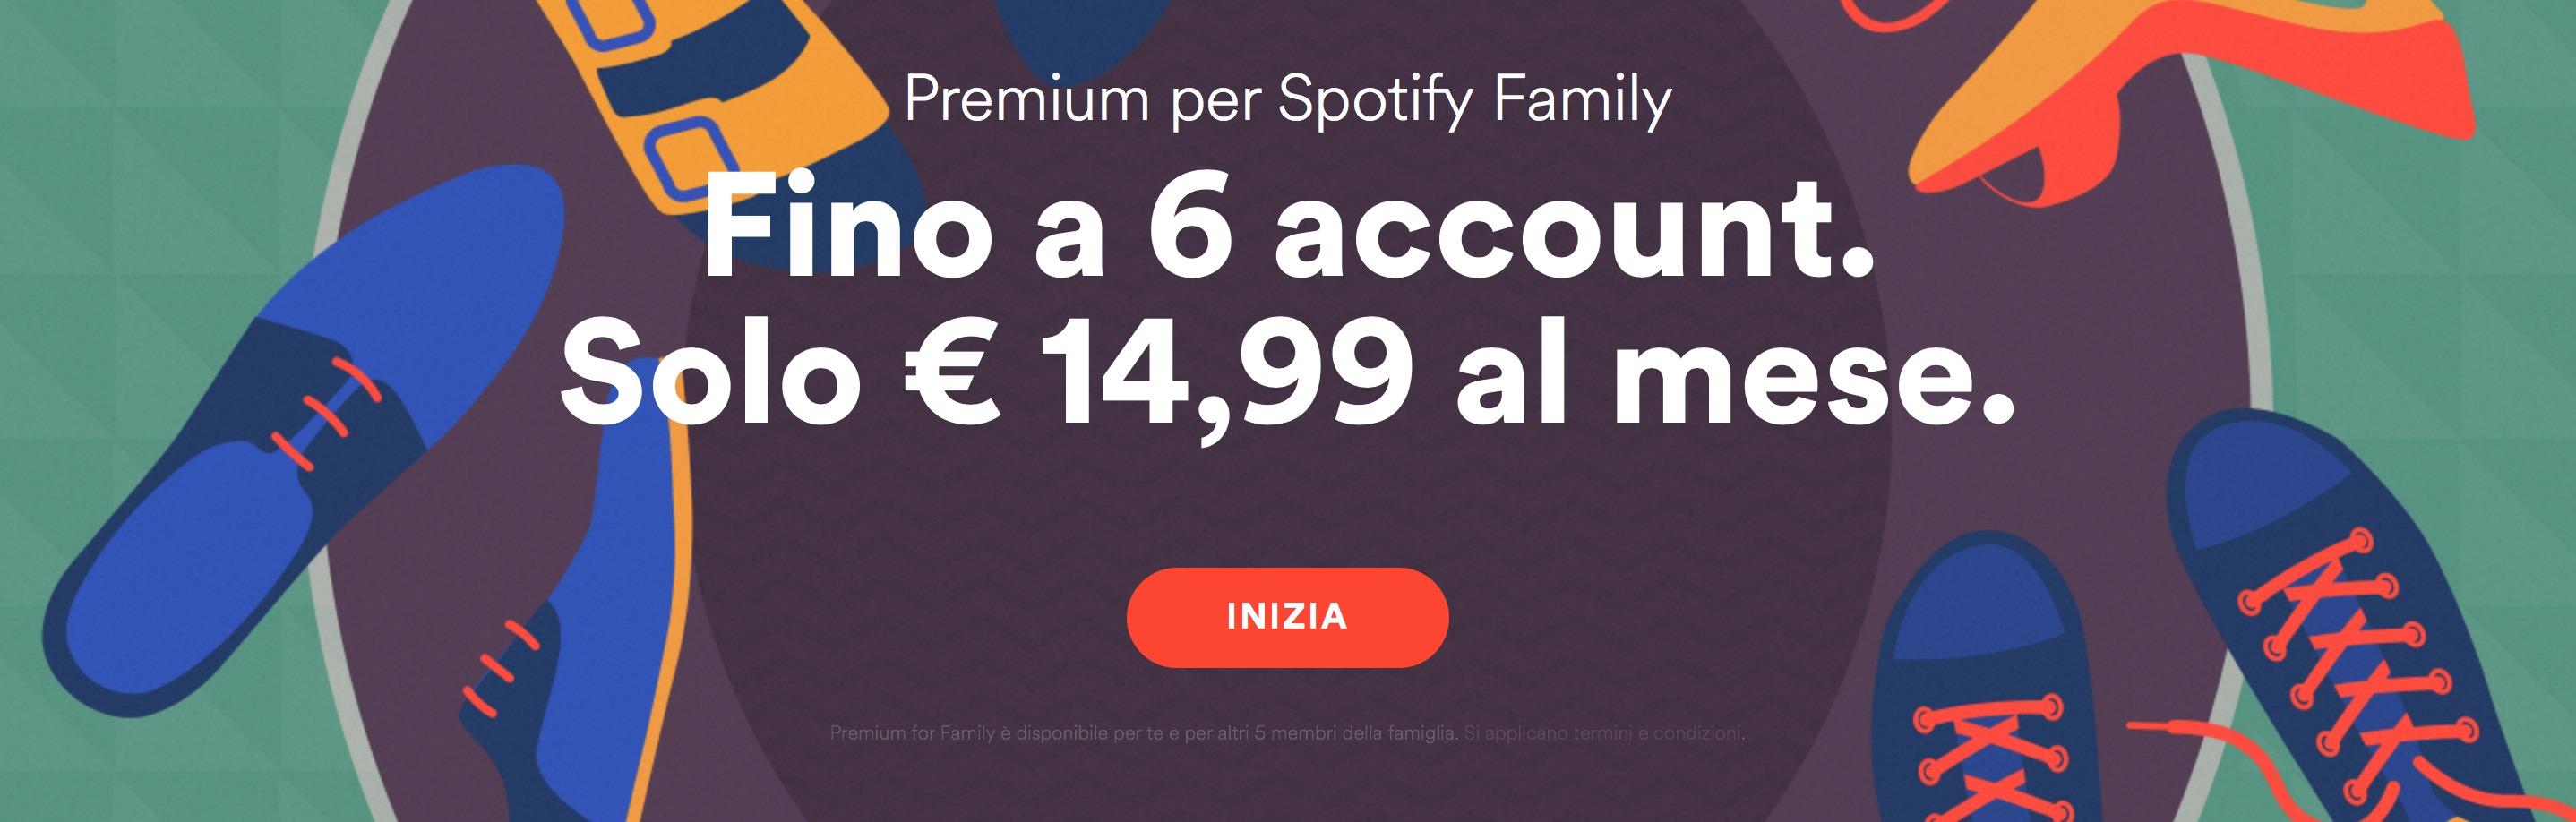 account famiglia spotify